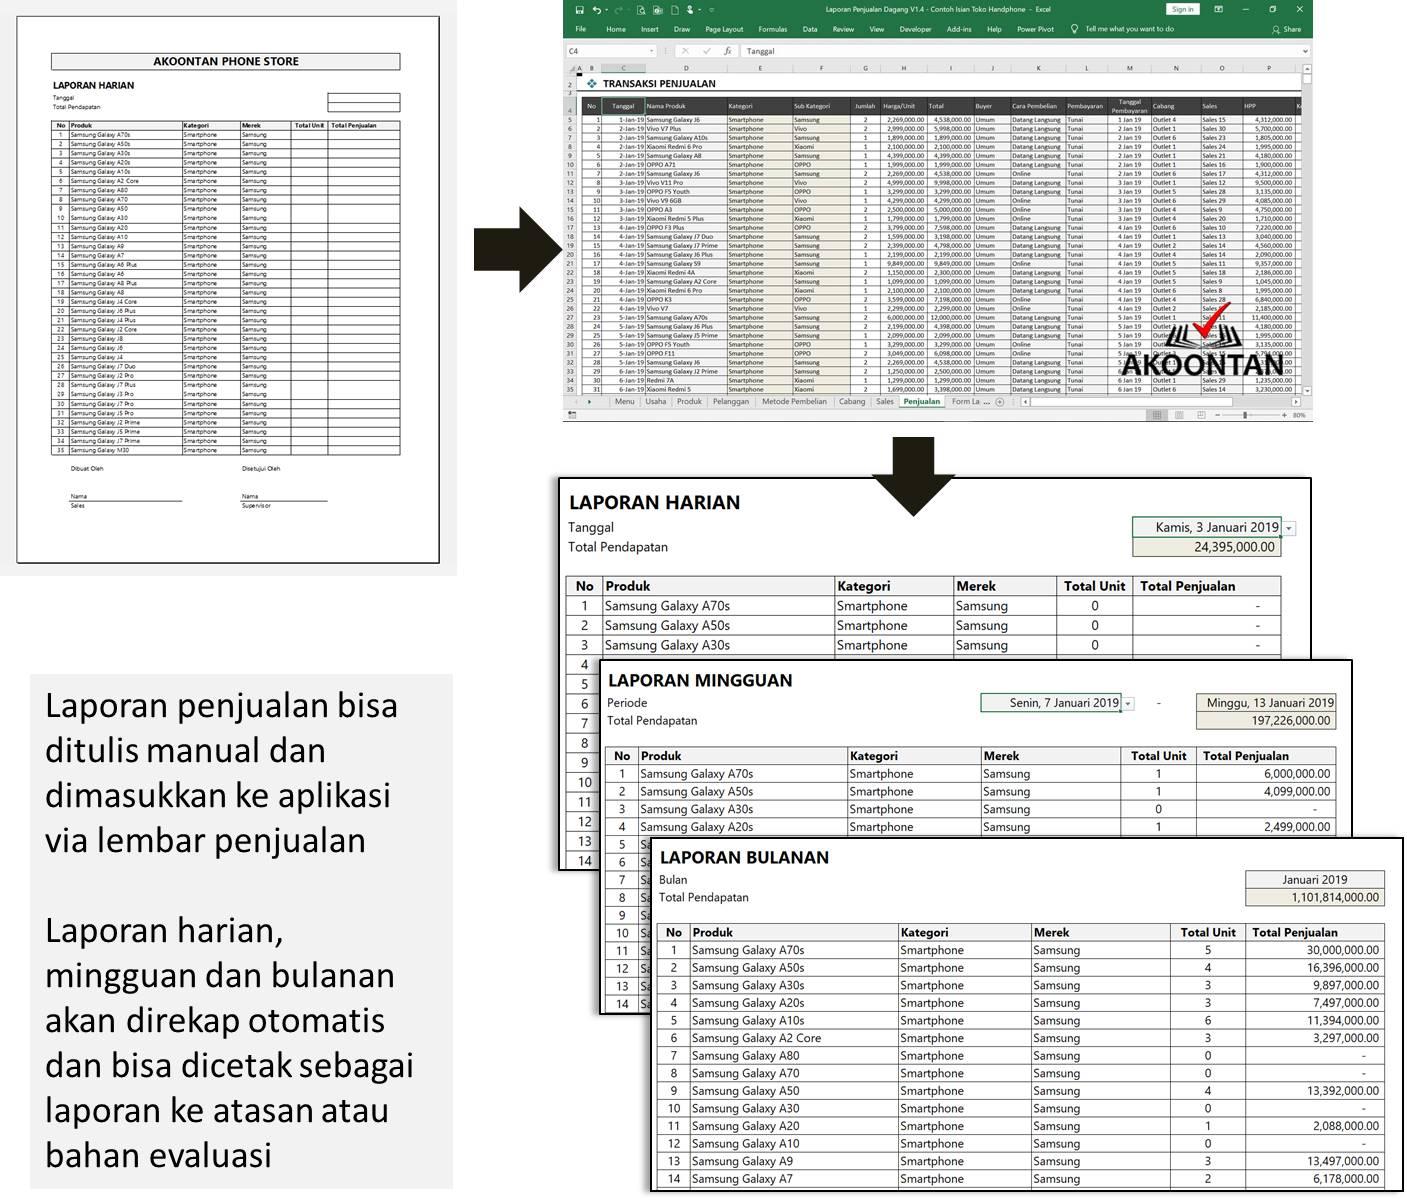 Excel Laporan Penjualan - Rekap Laporan